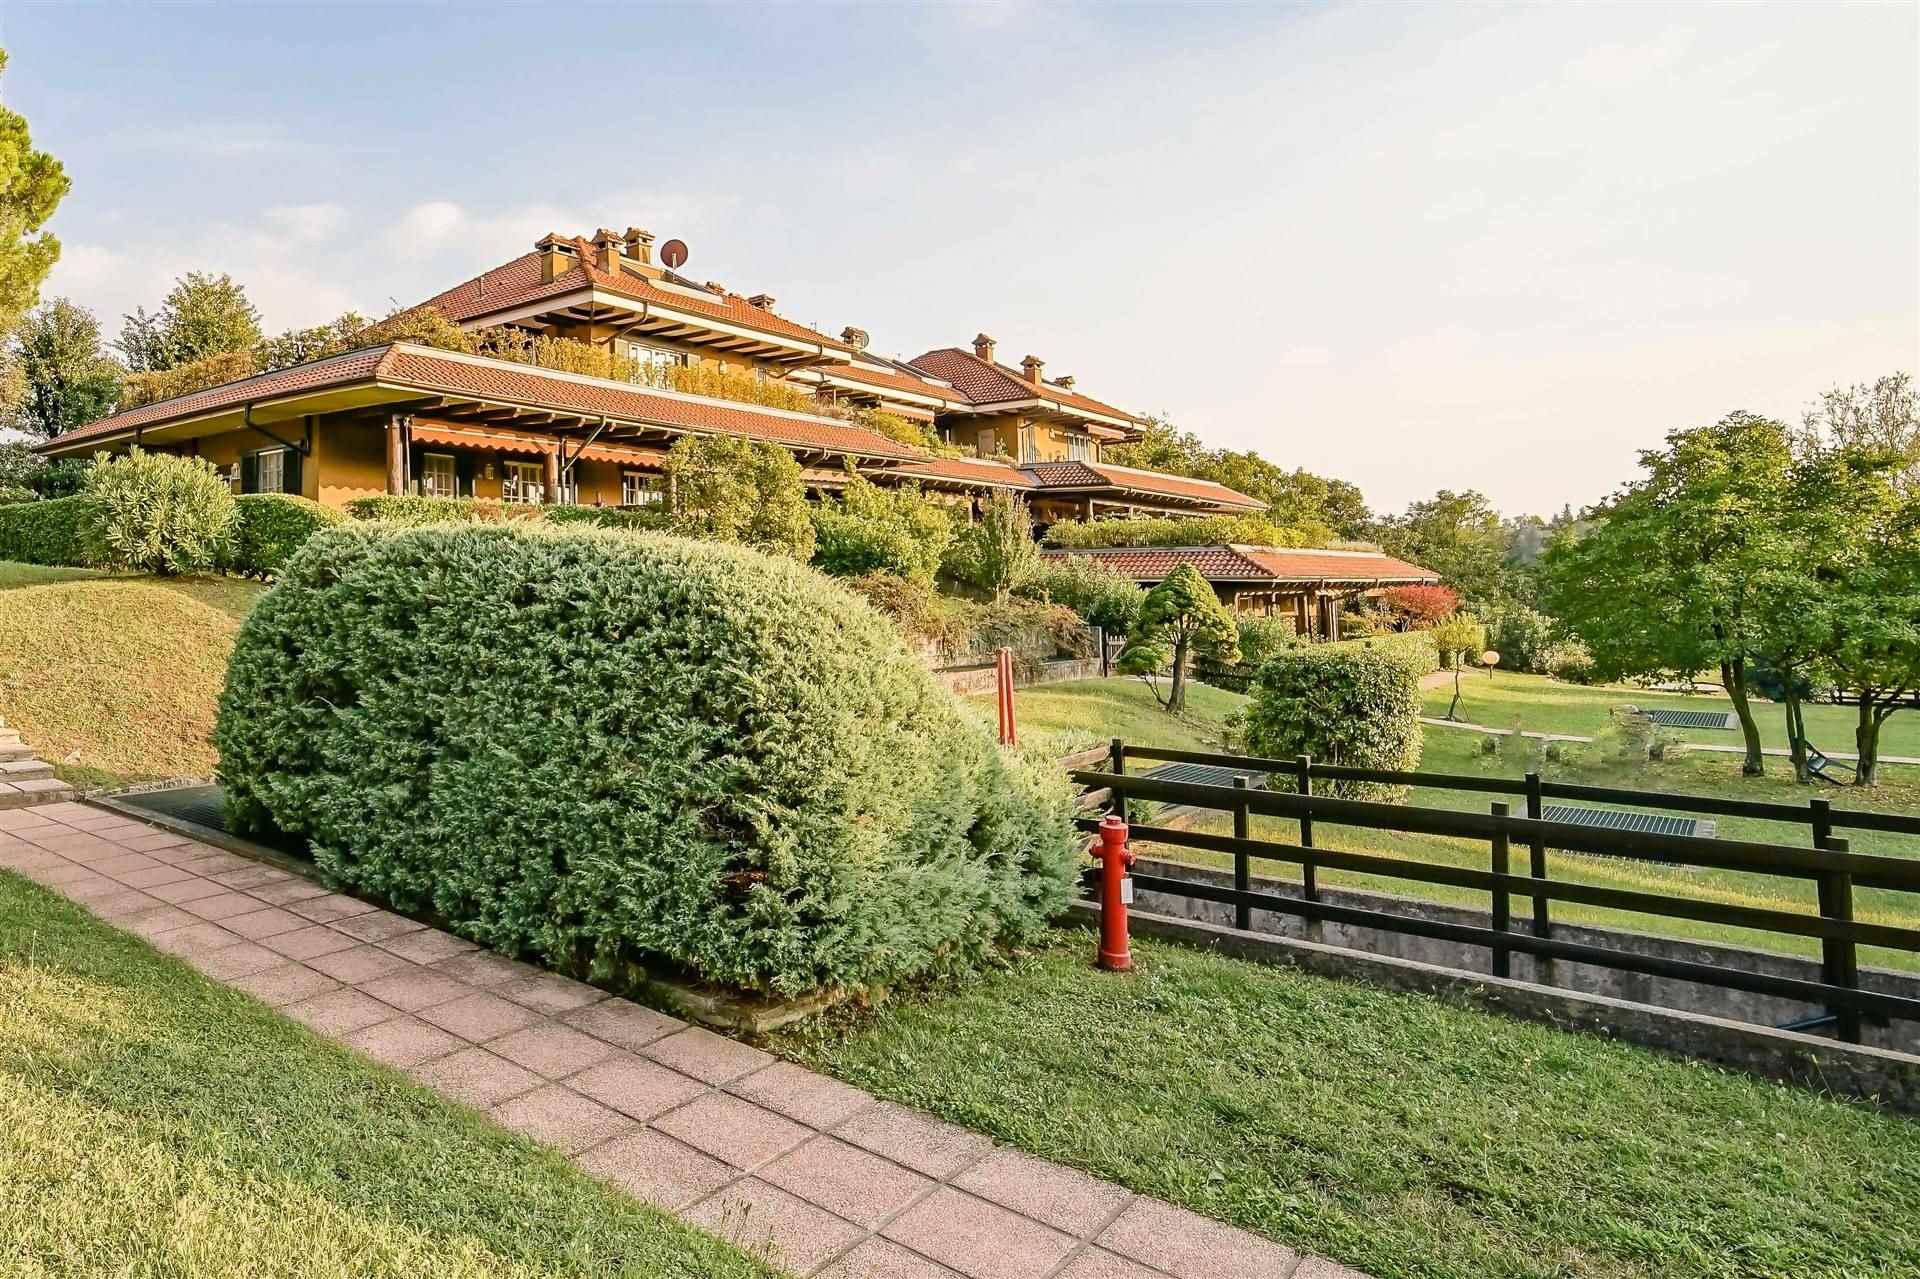 Appartamento in vendita a Bosisio Parini, 5 locali, prezzo € 190.000 | PortaleAgenzieImmobiliari.it